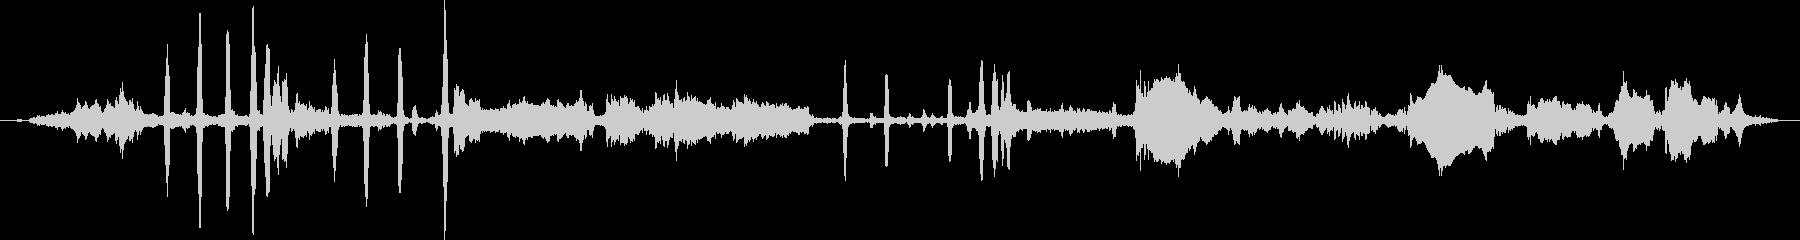 シベリアンハスキー:内線:大規模な...の未再生の波形